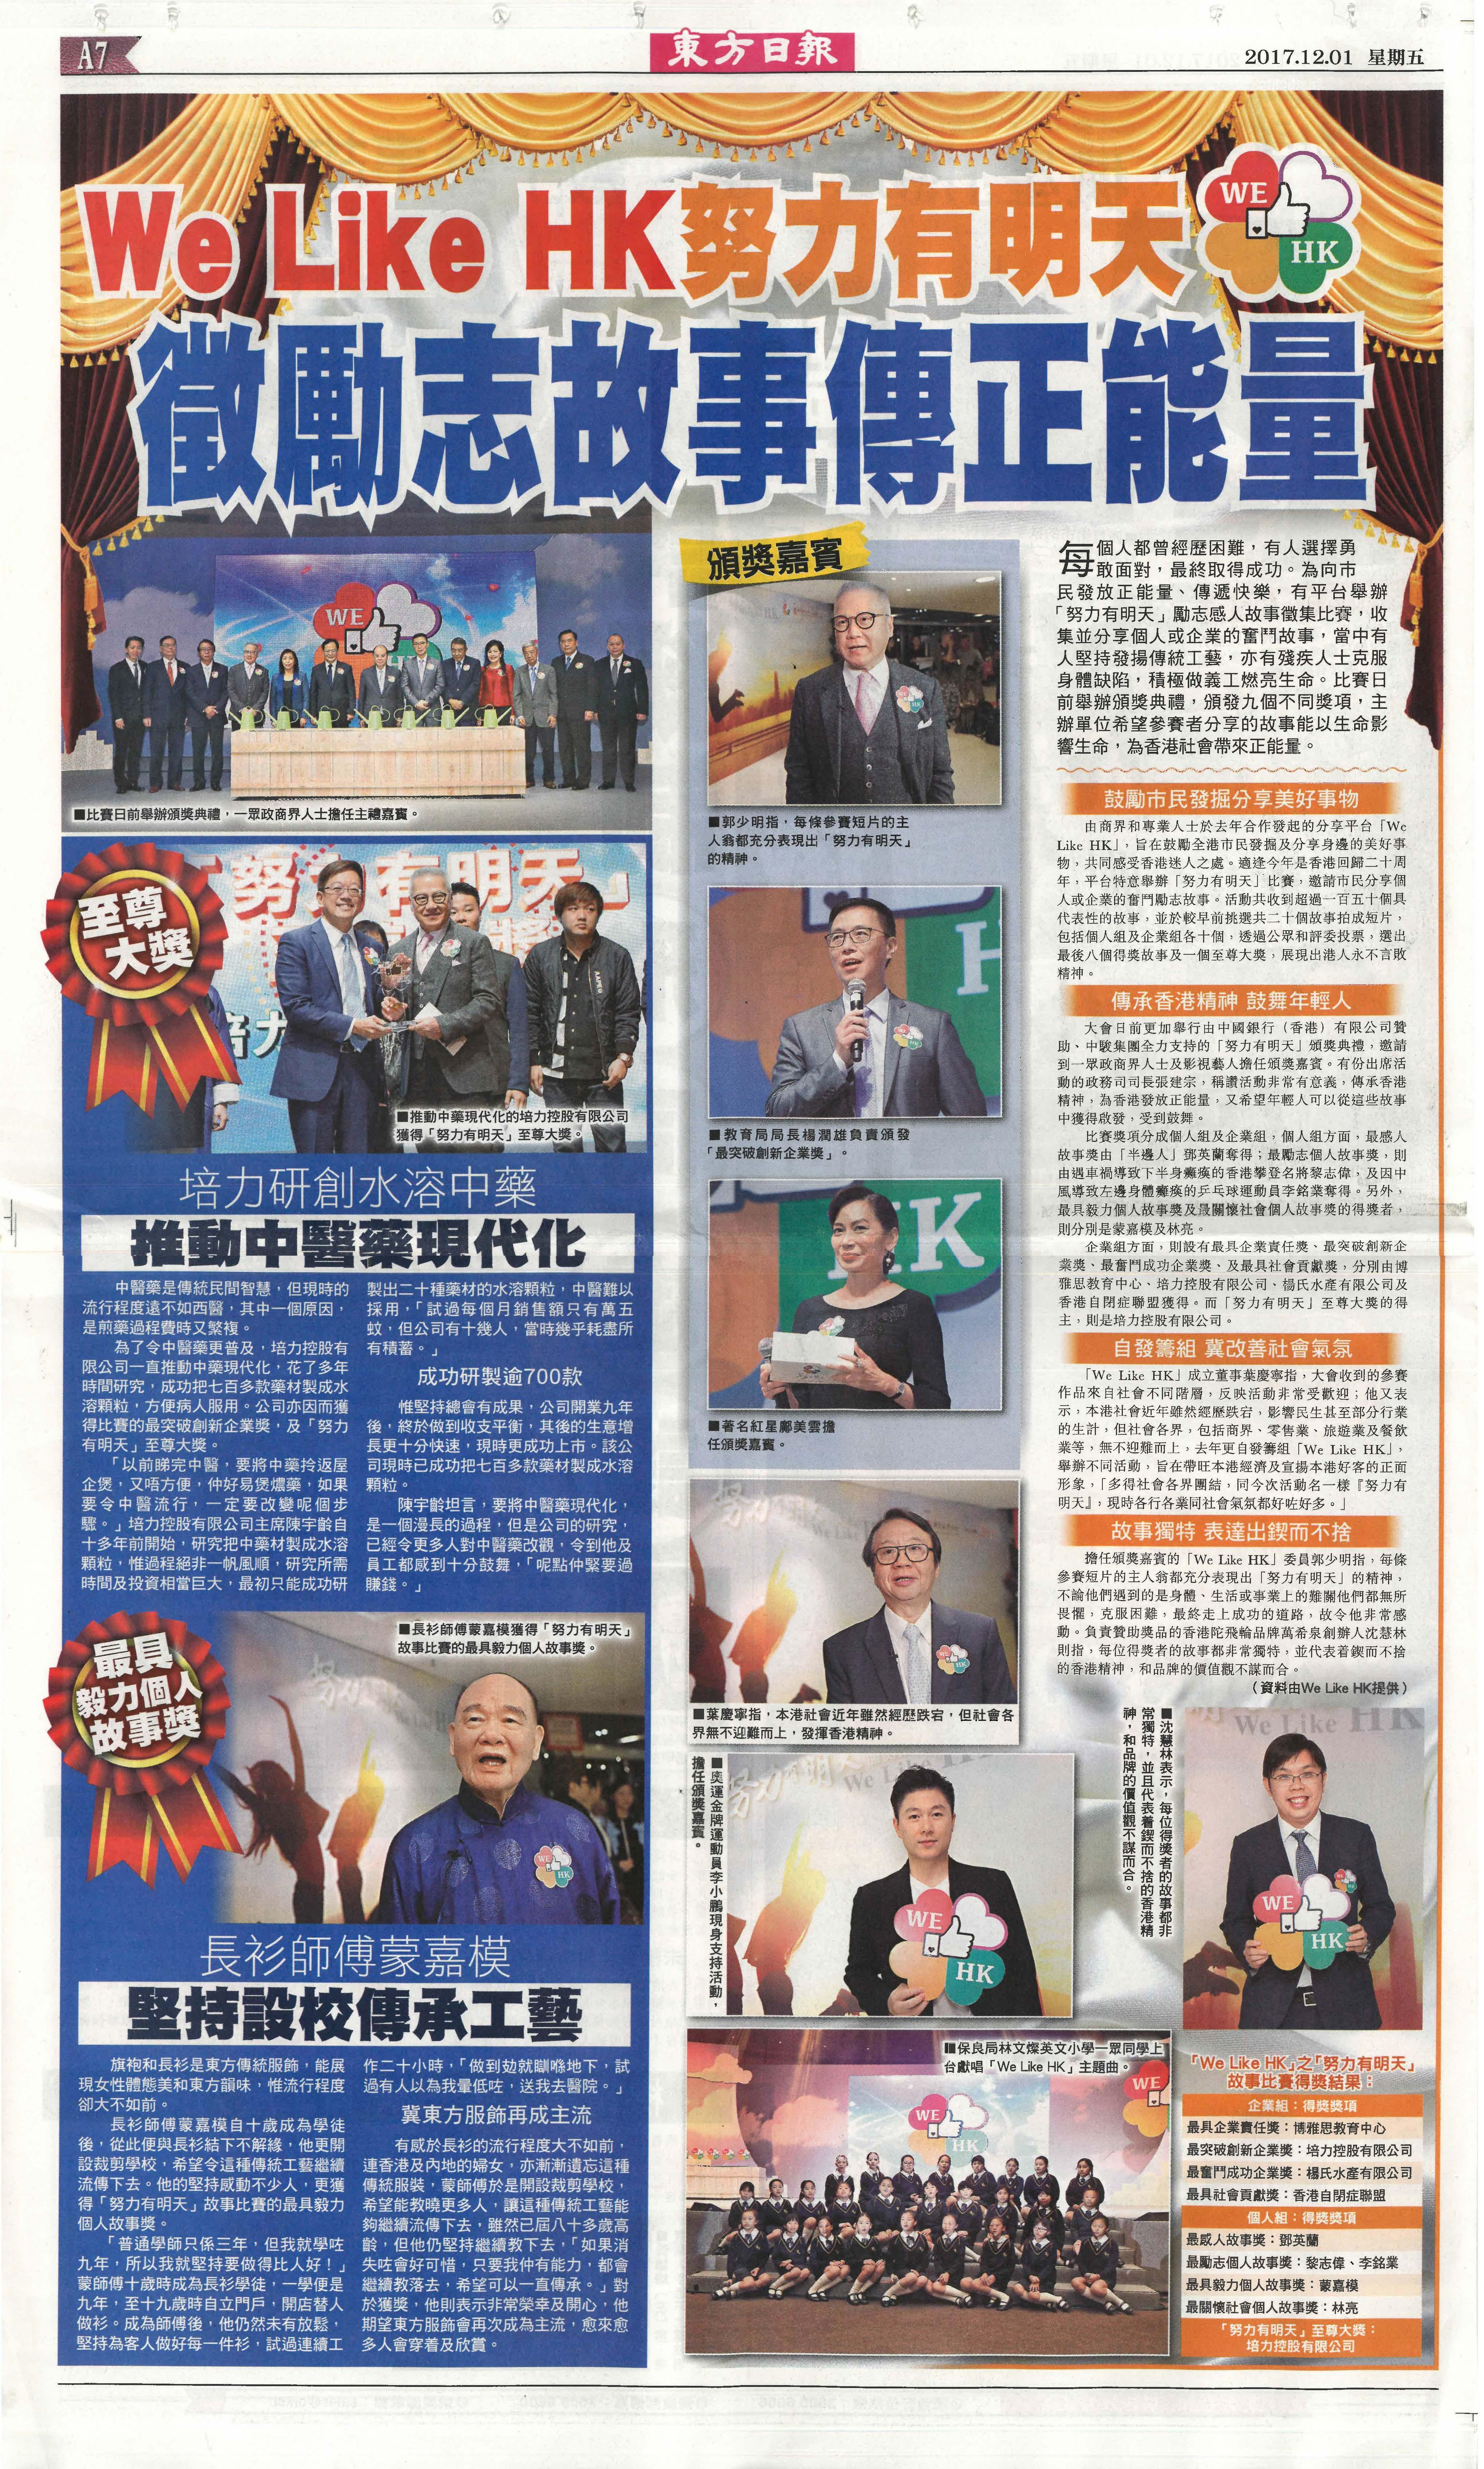 2017-12-01 東方日報 A7 培力控股有限公司榮獲「We Like HK 努力有明天」頒發「至尊大獎」 及 「最突破創新企業獎」